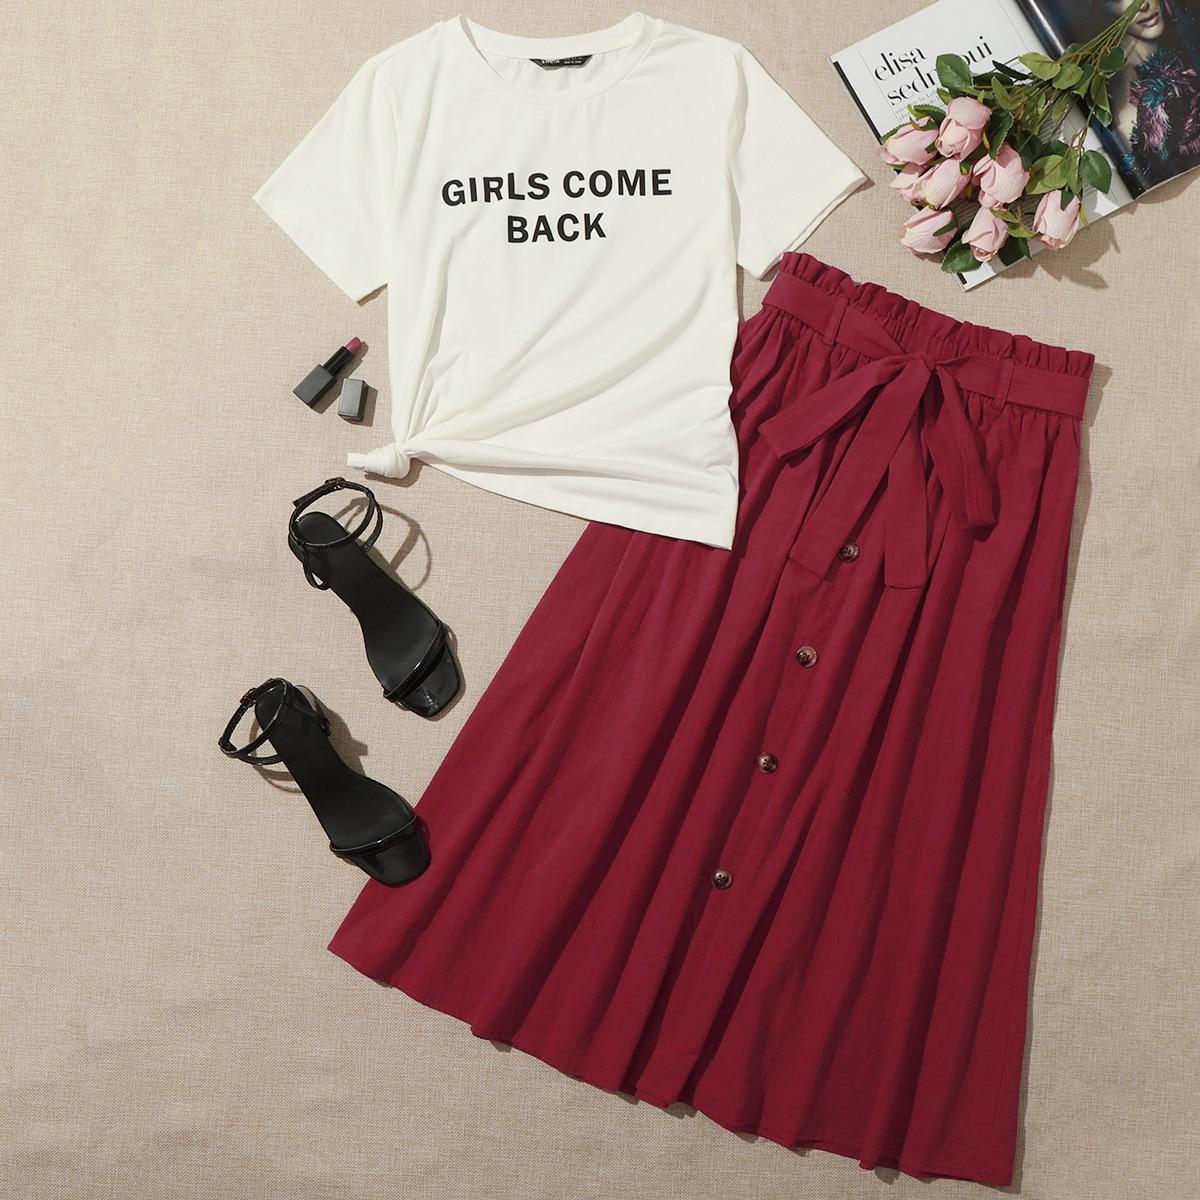 Топ с текстовым принтом и юбка с присборенной талией фото